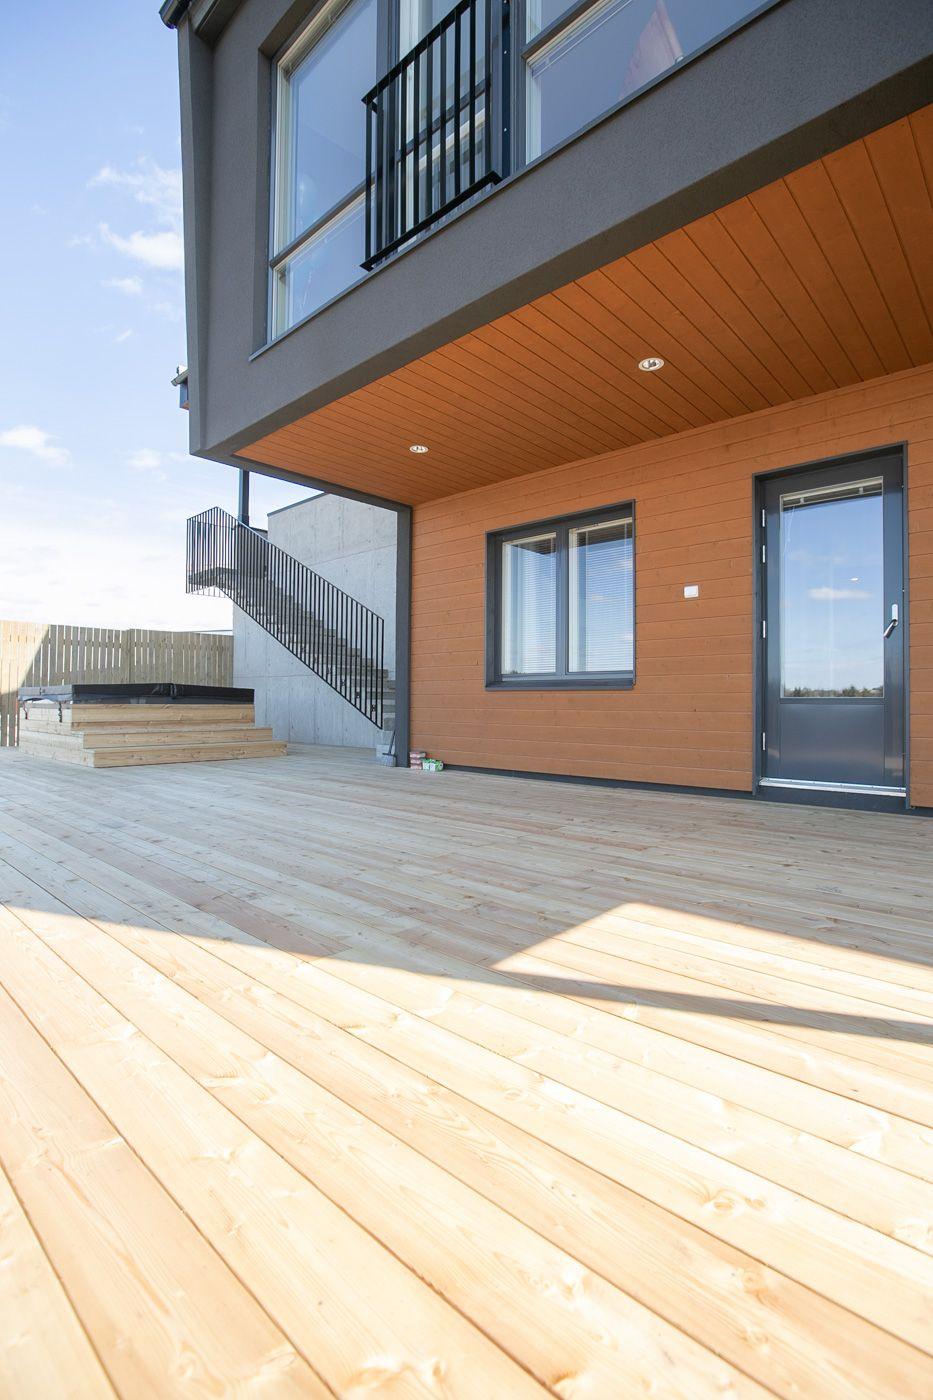 Uuden kodin terassin rakentaminen